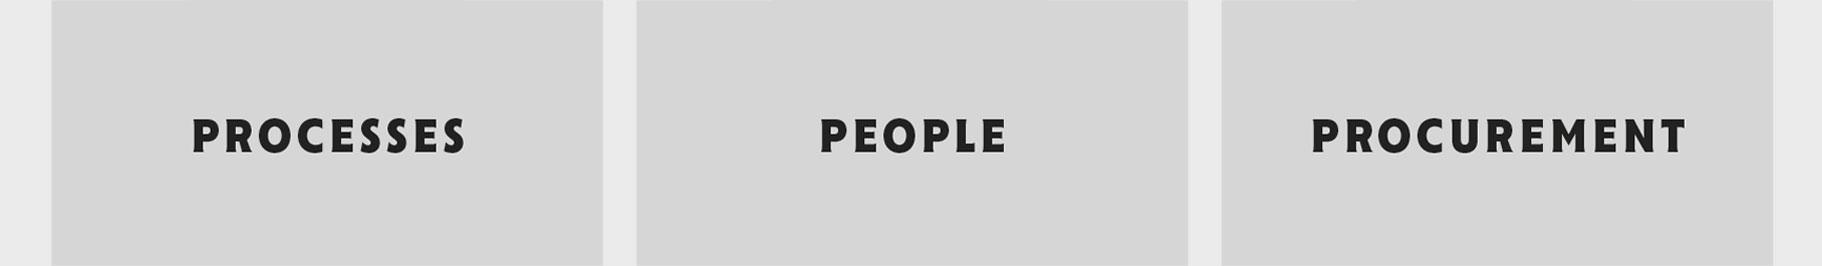 TMC Dienstleistungen Processes People und Prcourement